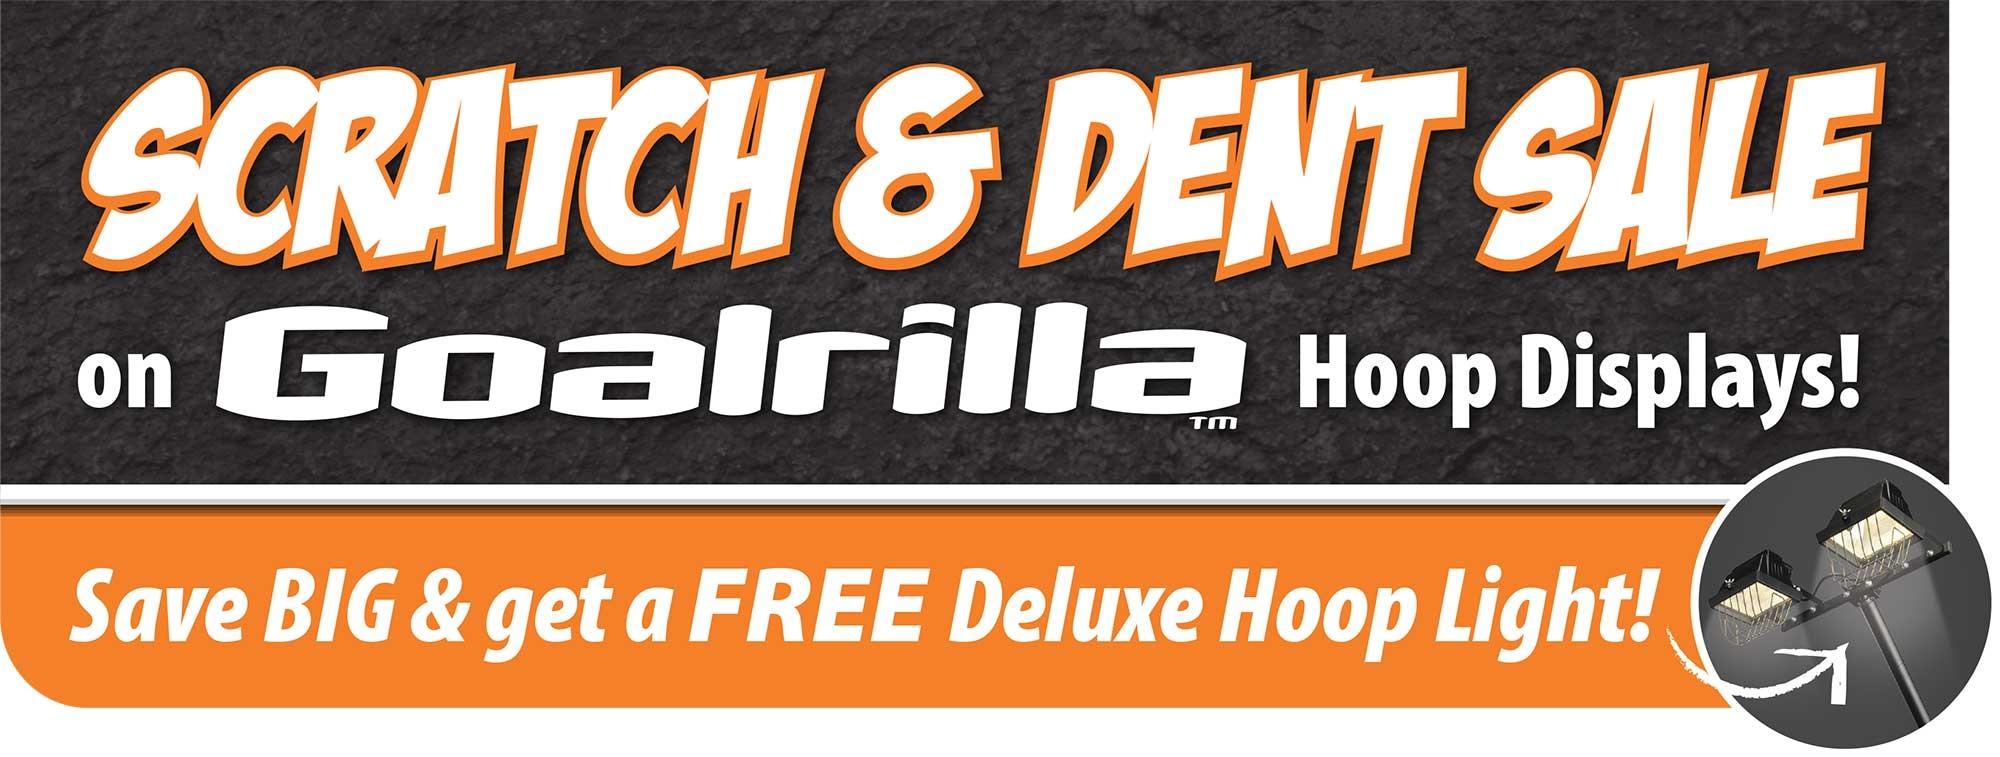 Goalrilla Basketball hoops scratch & dent sale